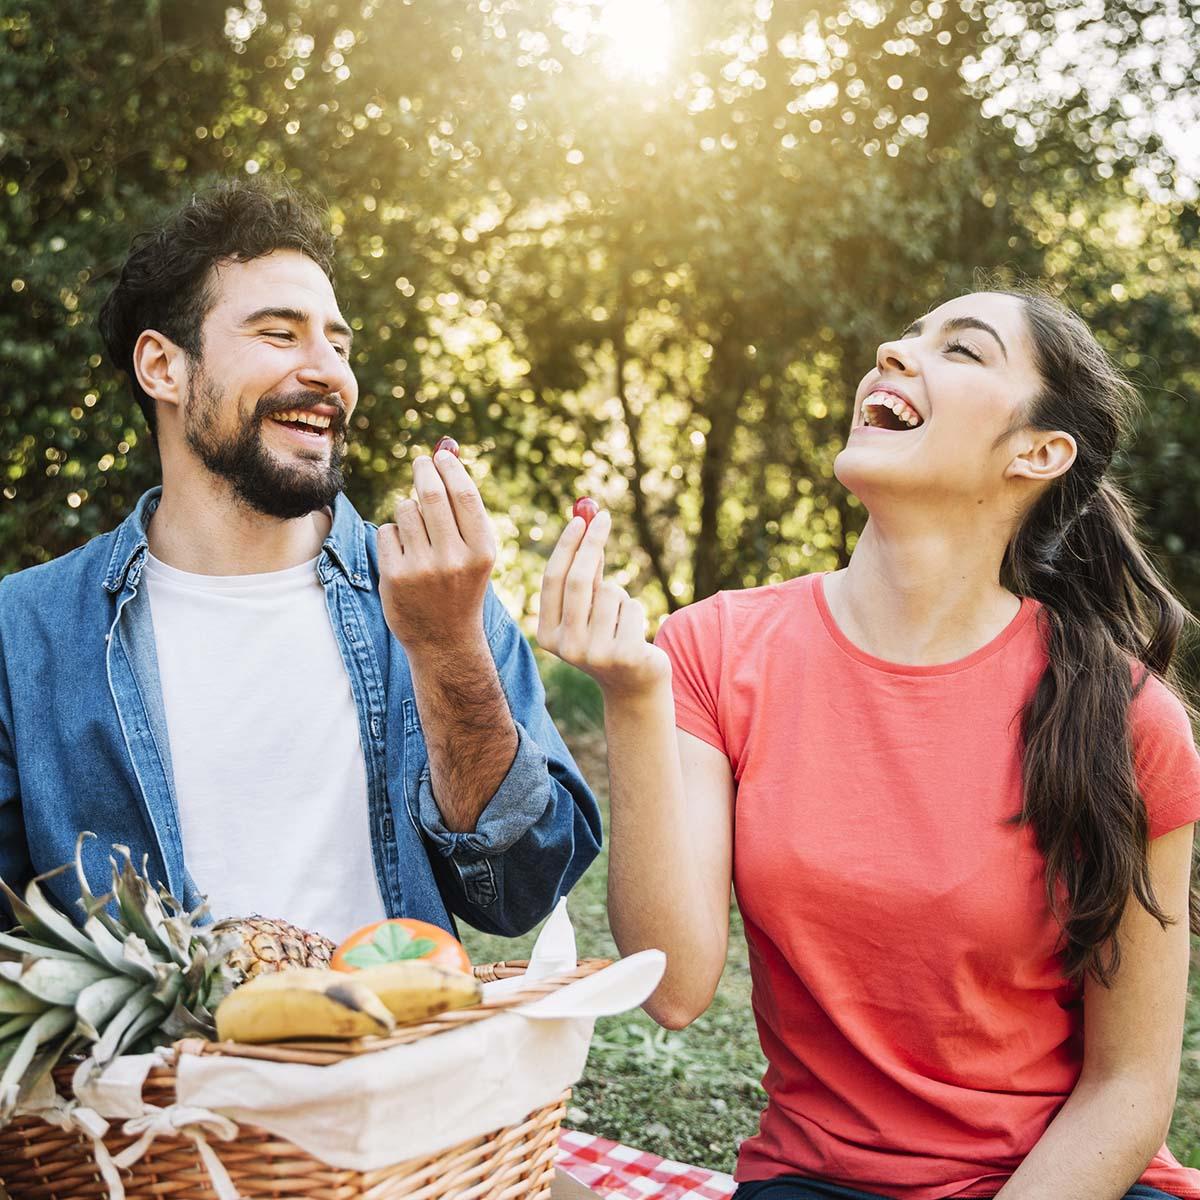 Правильное питание для мужчин и женщин фото